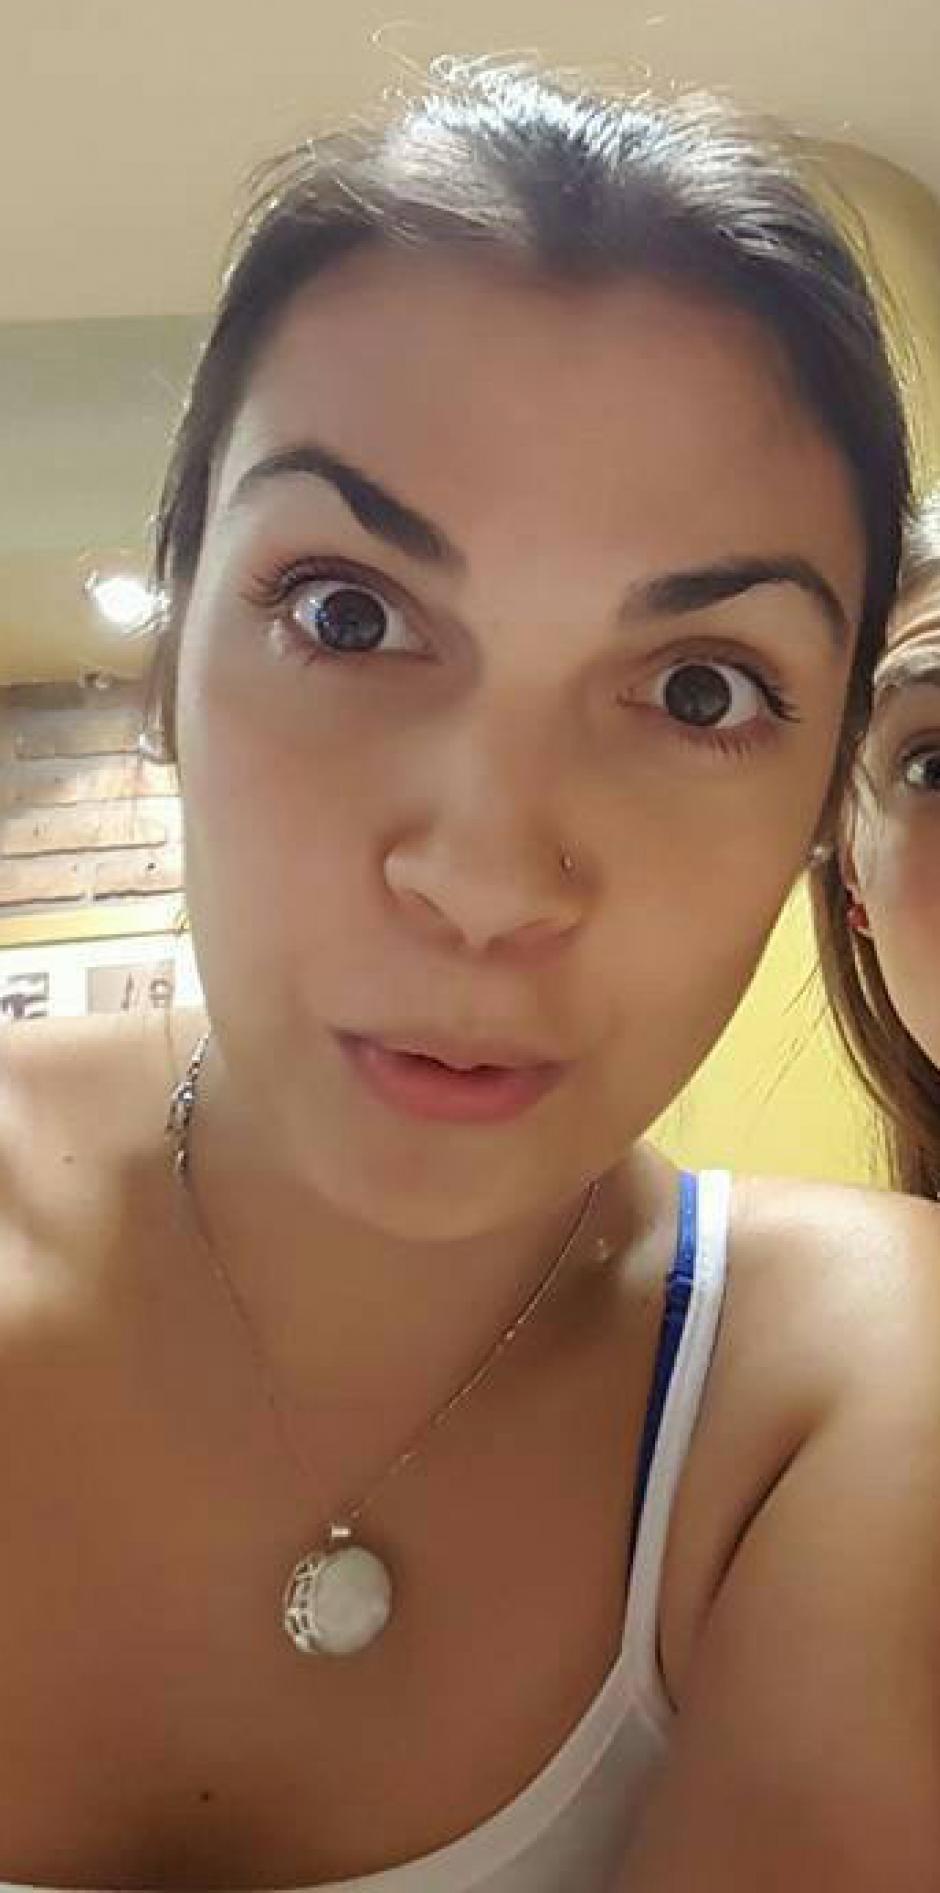 """Según los reclusos, la argentina solo era conocida como la """"mujer de Lima"""". (Foto: Facebook Joanna Birriel)"""